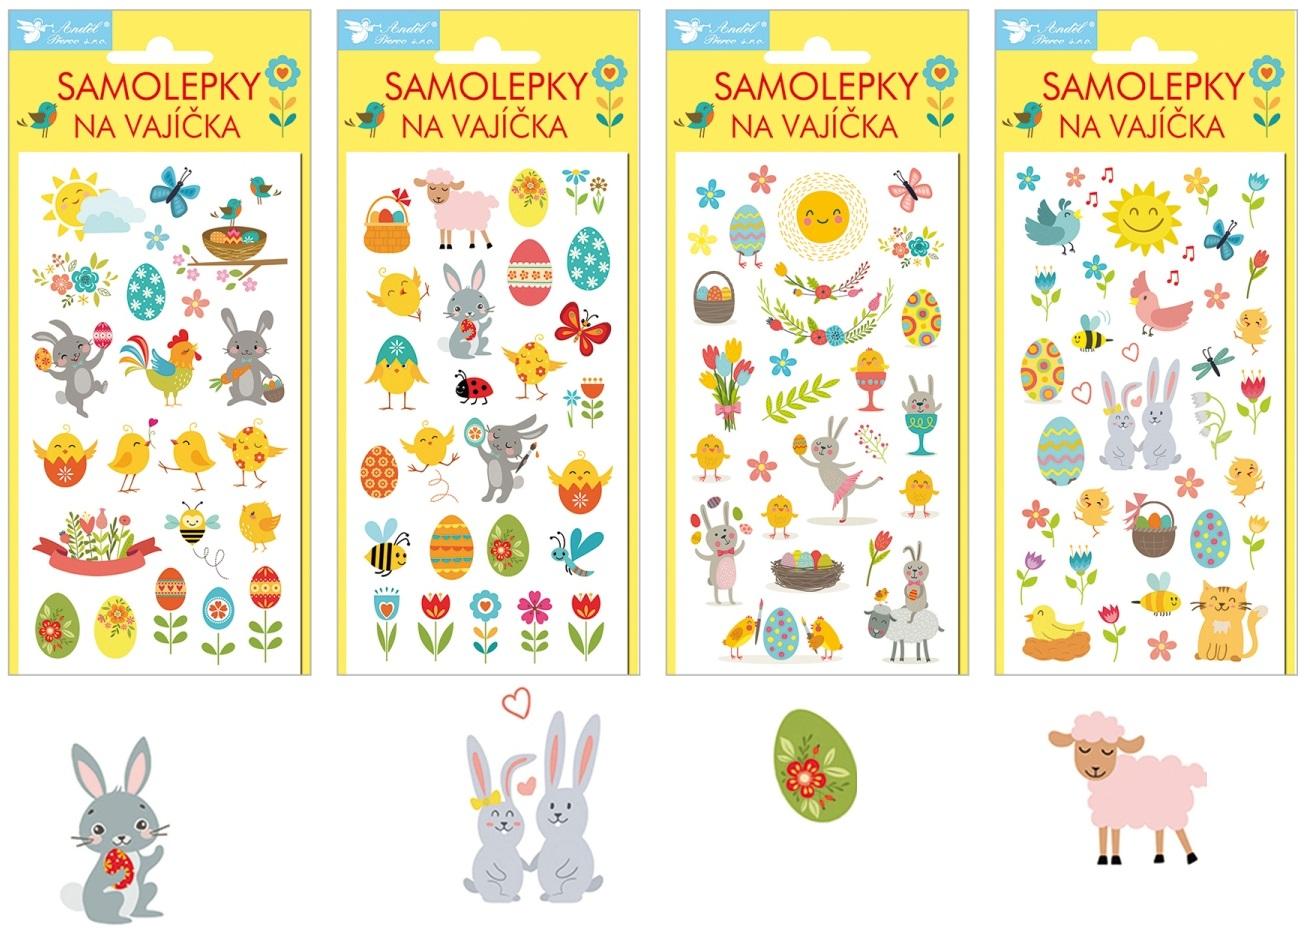 Samolepky velikonoční gelové Veselé Velikonoce 19 x 9cm